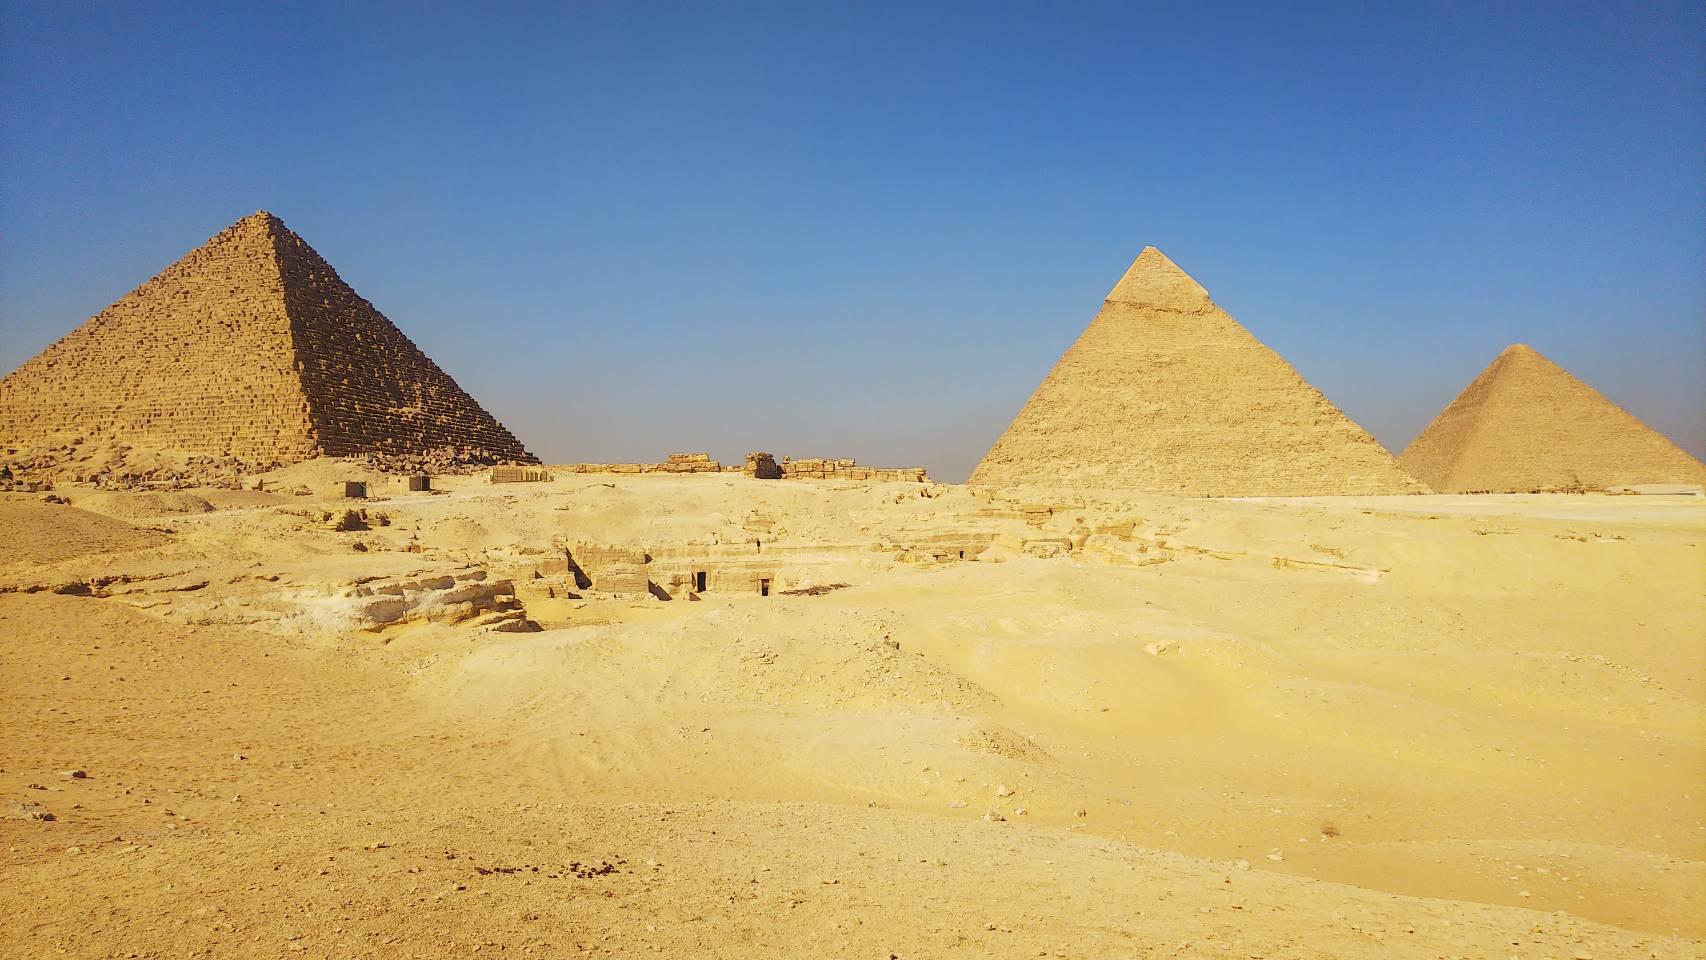 ギザのピラミッドの行き方と入場料金についての徹底解説!